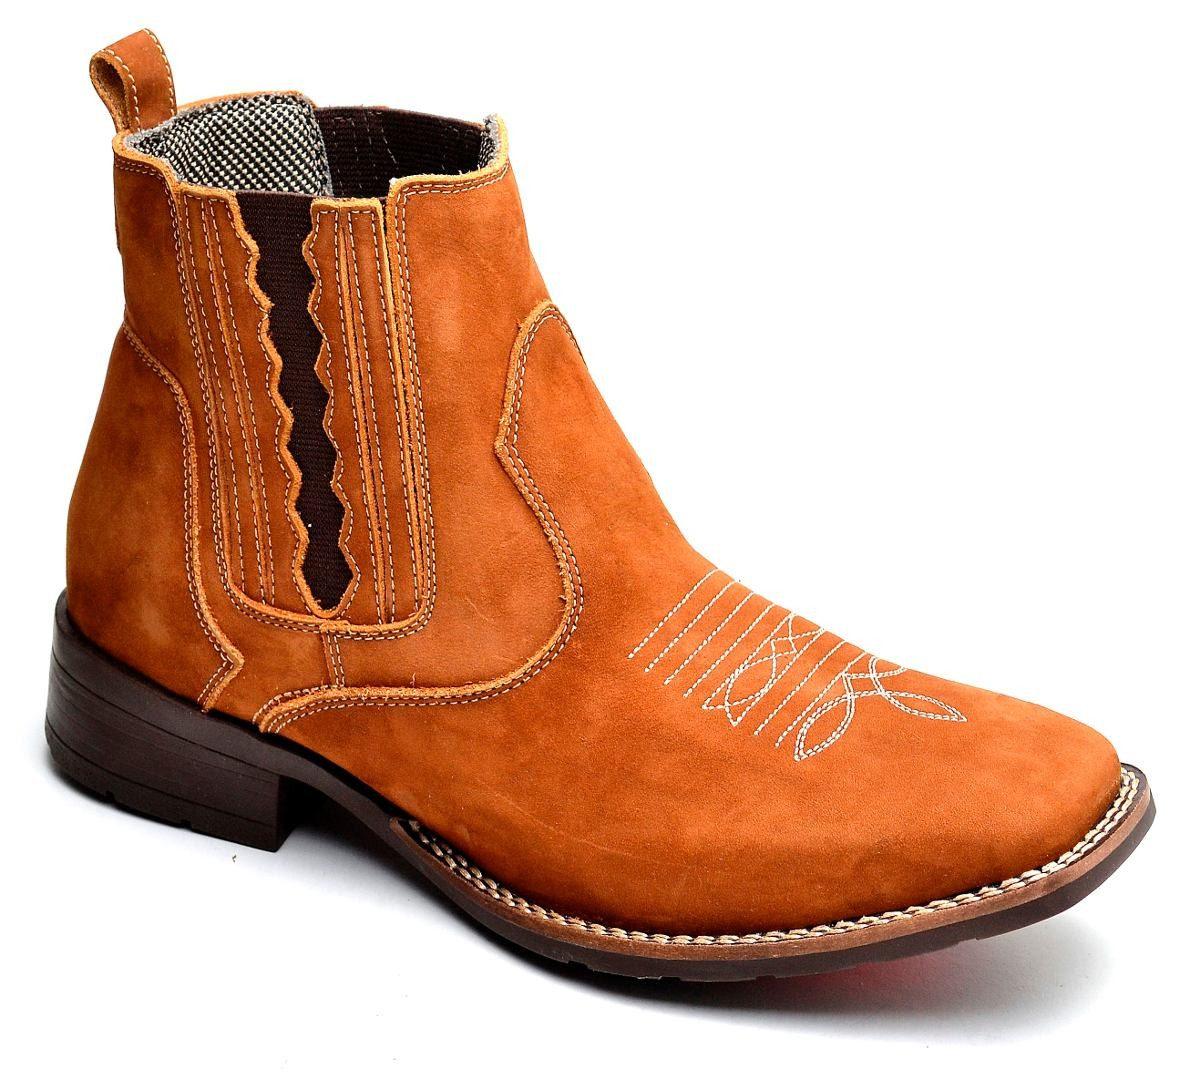 feed997a18 bota country masculina cano curto texana bico quadrado couro. Carregando  zoom.